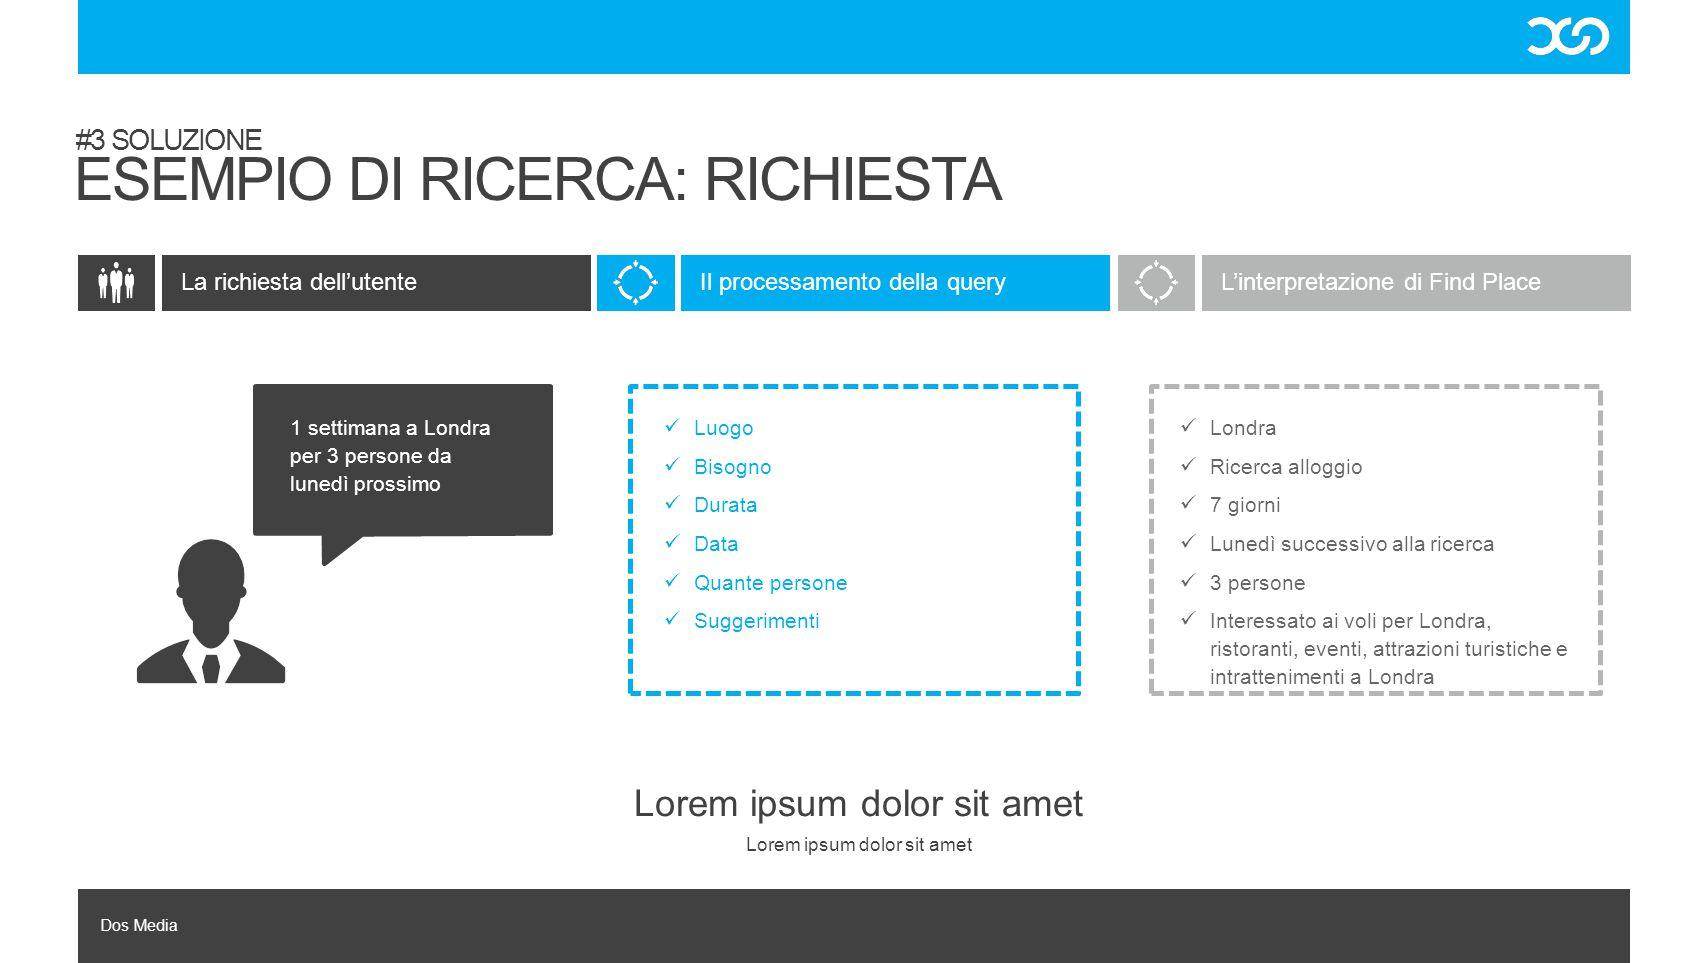 Dos Media La richiesta dell'utente Lorem ipsum dolor sit amet L'interpretazione di Find PlaceIl processamento della query #3 SOLUZIONE ESEMPIO DI RICE